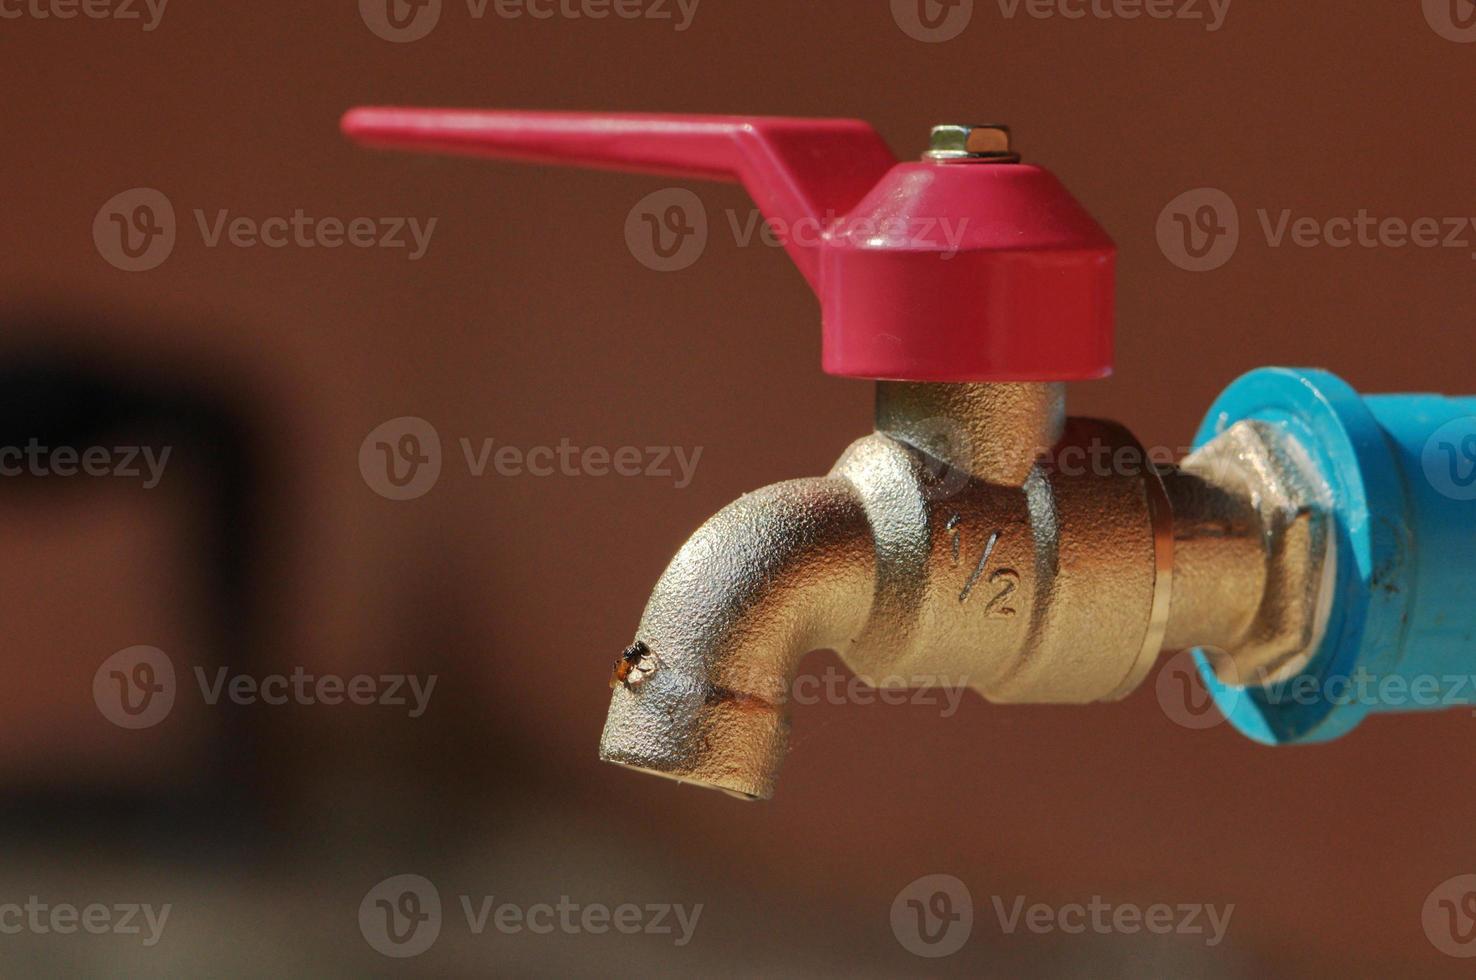 rubinetto dell'acqua chiuso foto